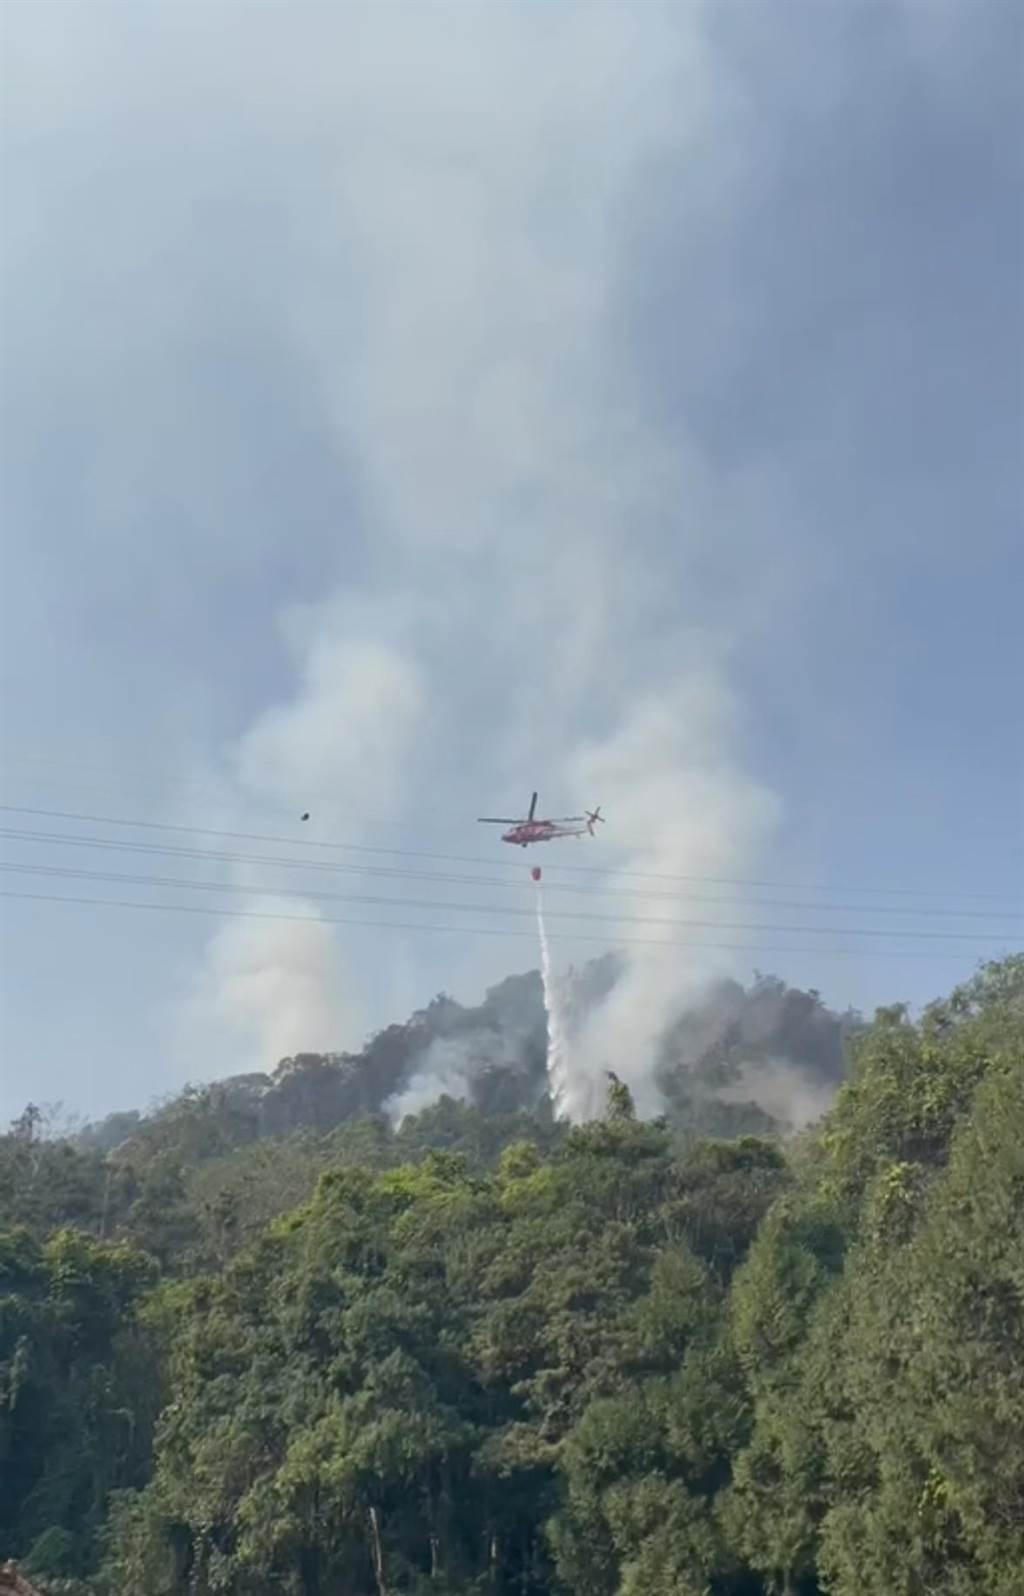 魚池國中旁火燒山,直升機出動救援。(南投林管處提供/廖志晃南投傳真)